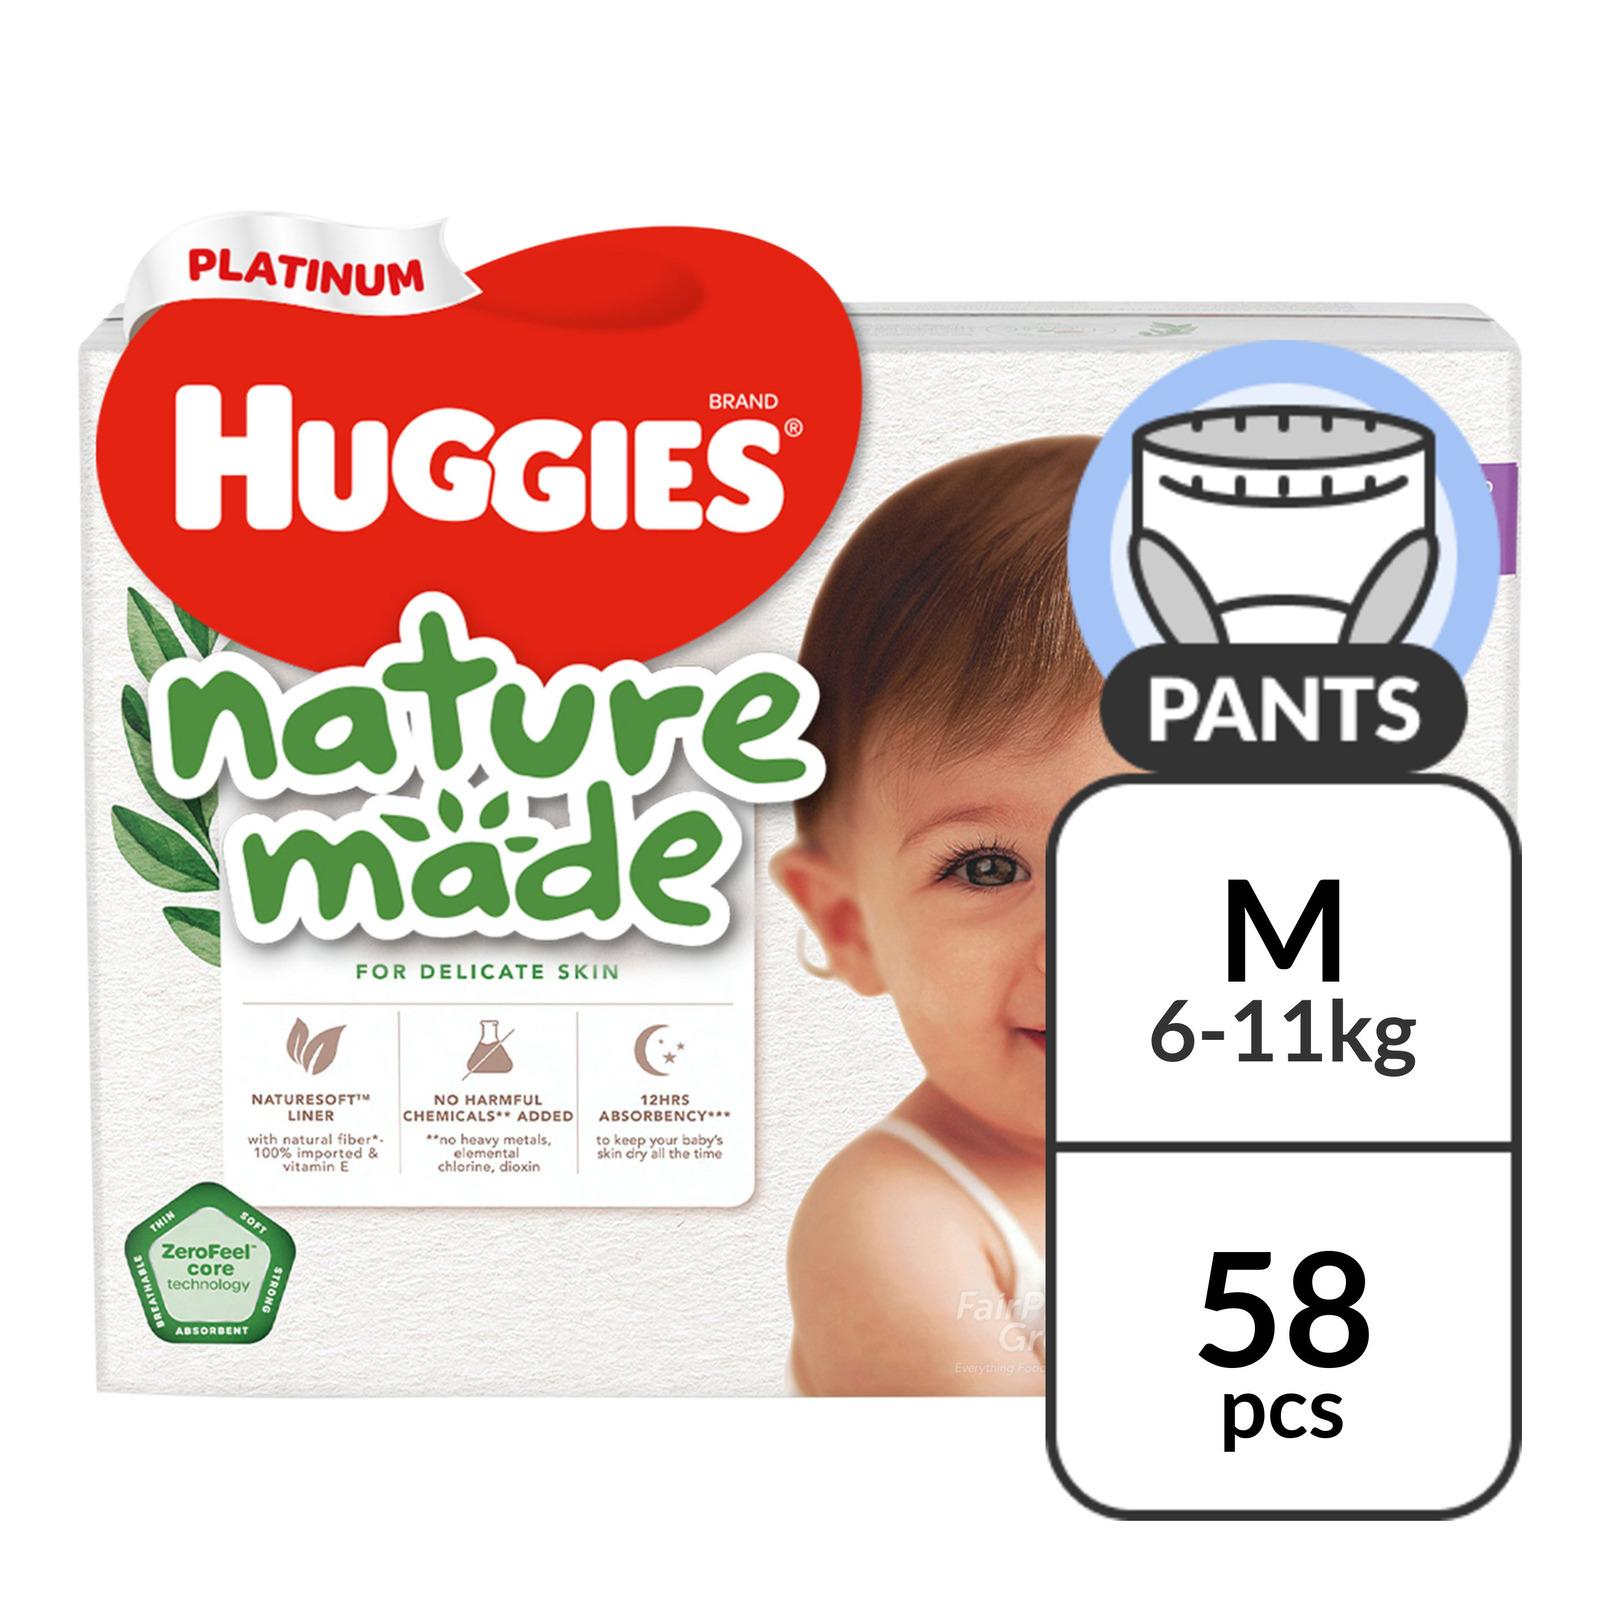 Huggies Platinum Nature Made Pants - M (6 - 11kg)